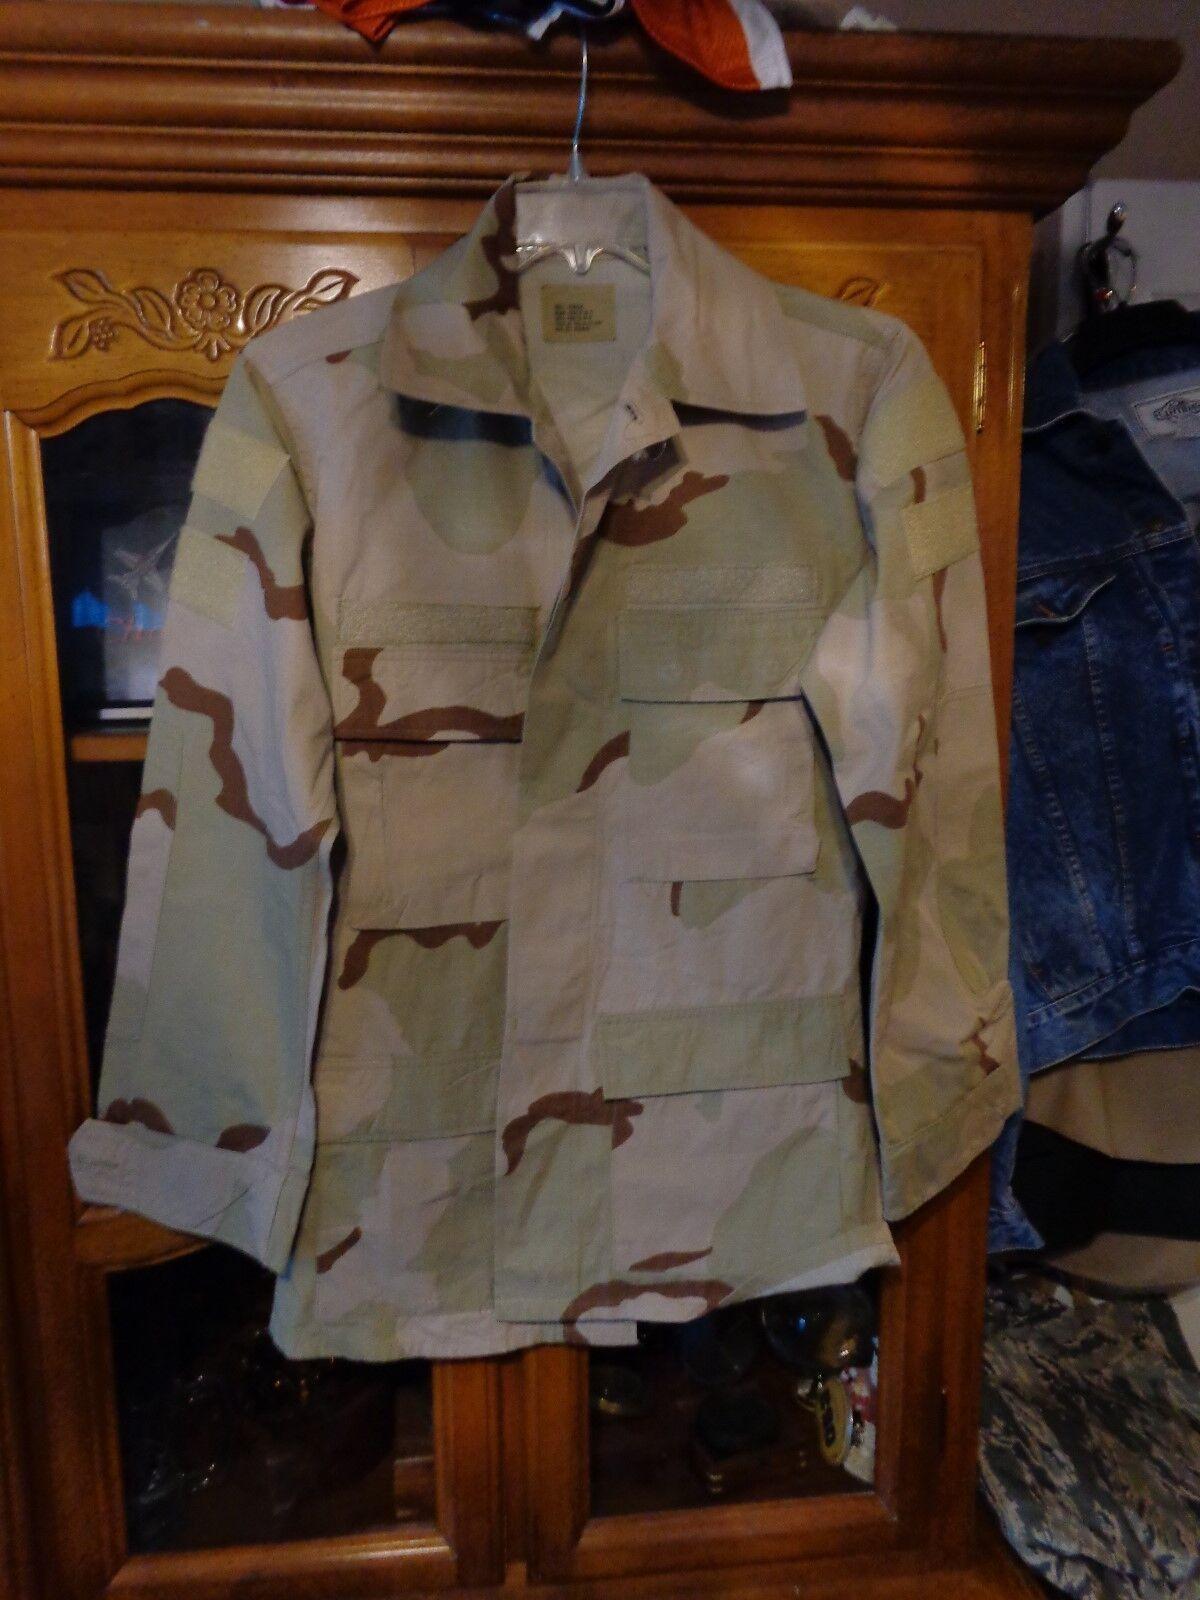 RAID MODIFIED MARSOC Shirt BDU SMALL REG HOOK DESERT  TAN USGI SUMMER WEIGHT S  honest service